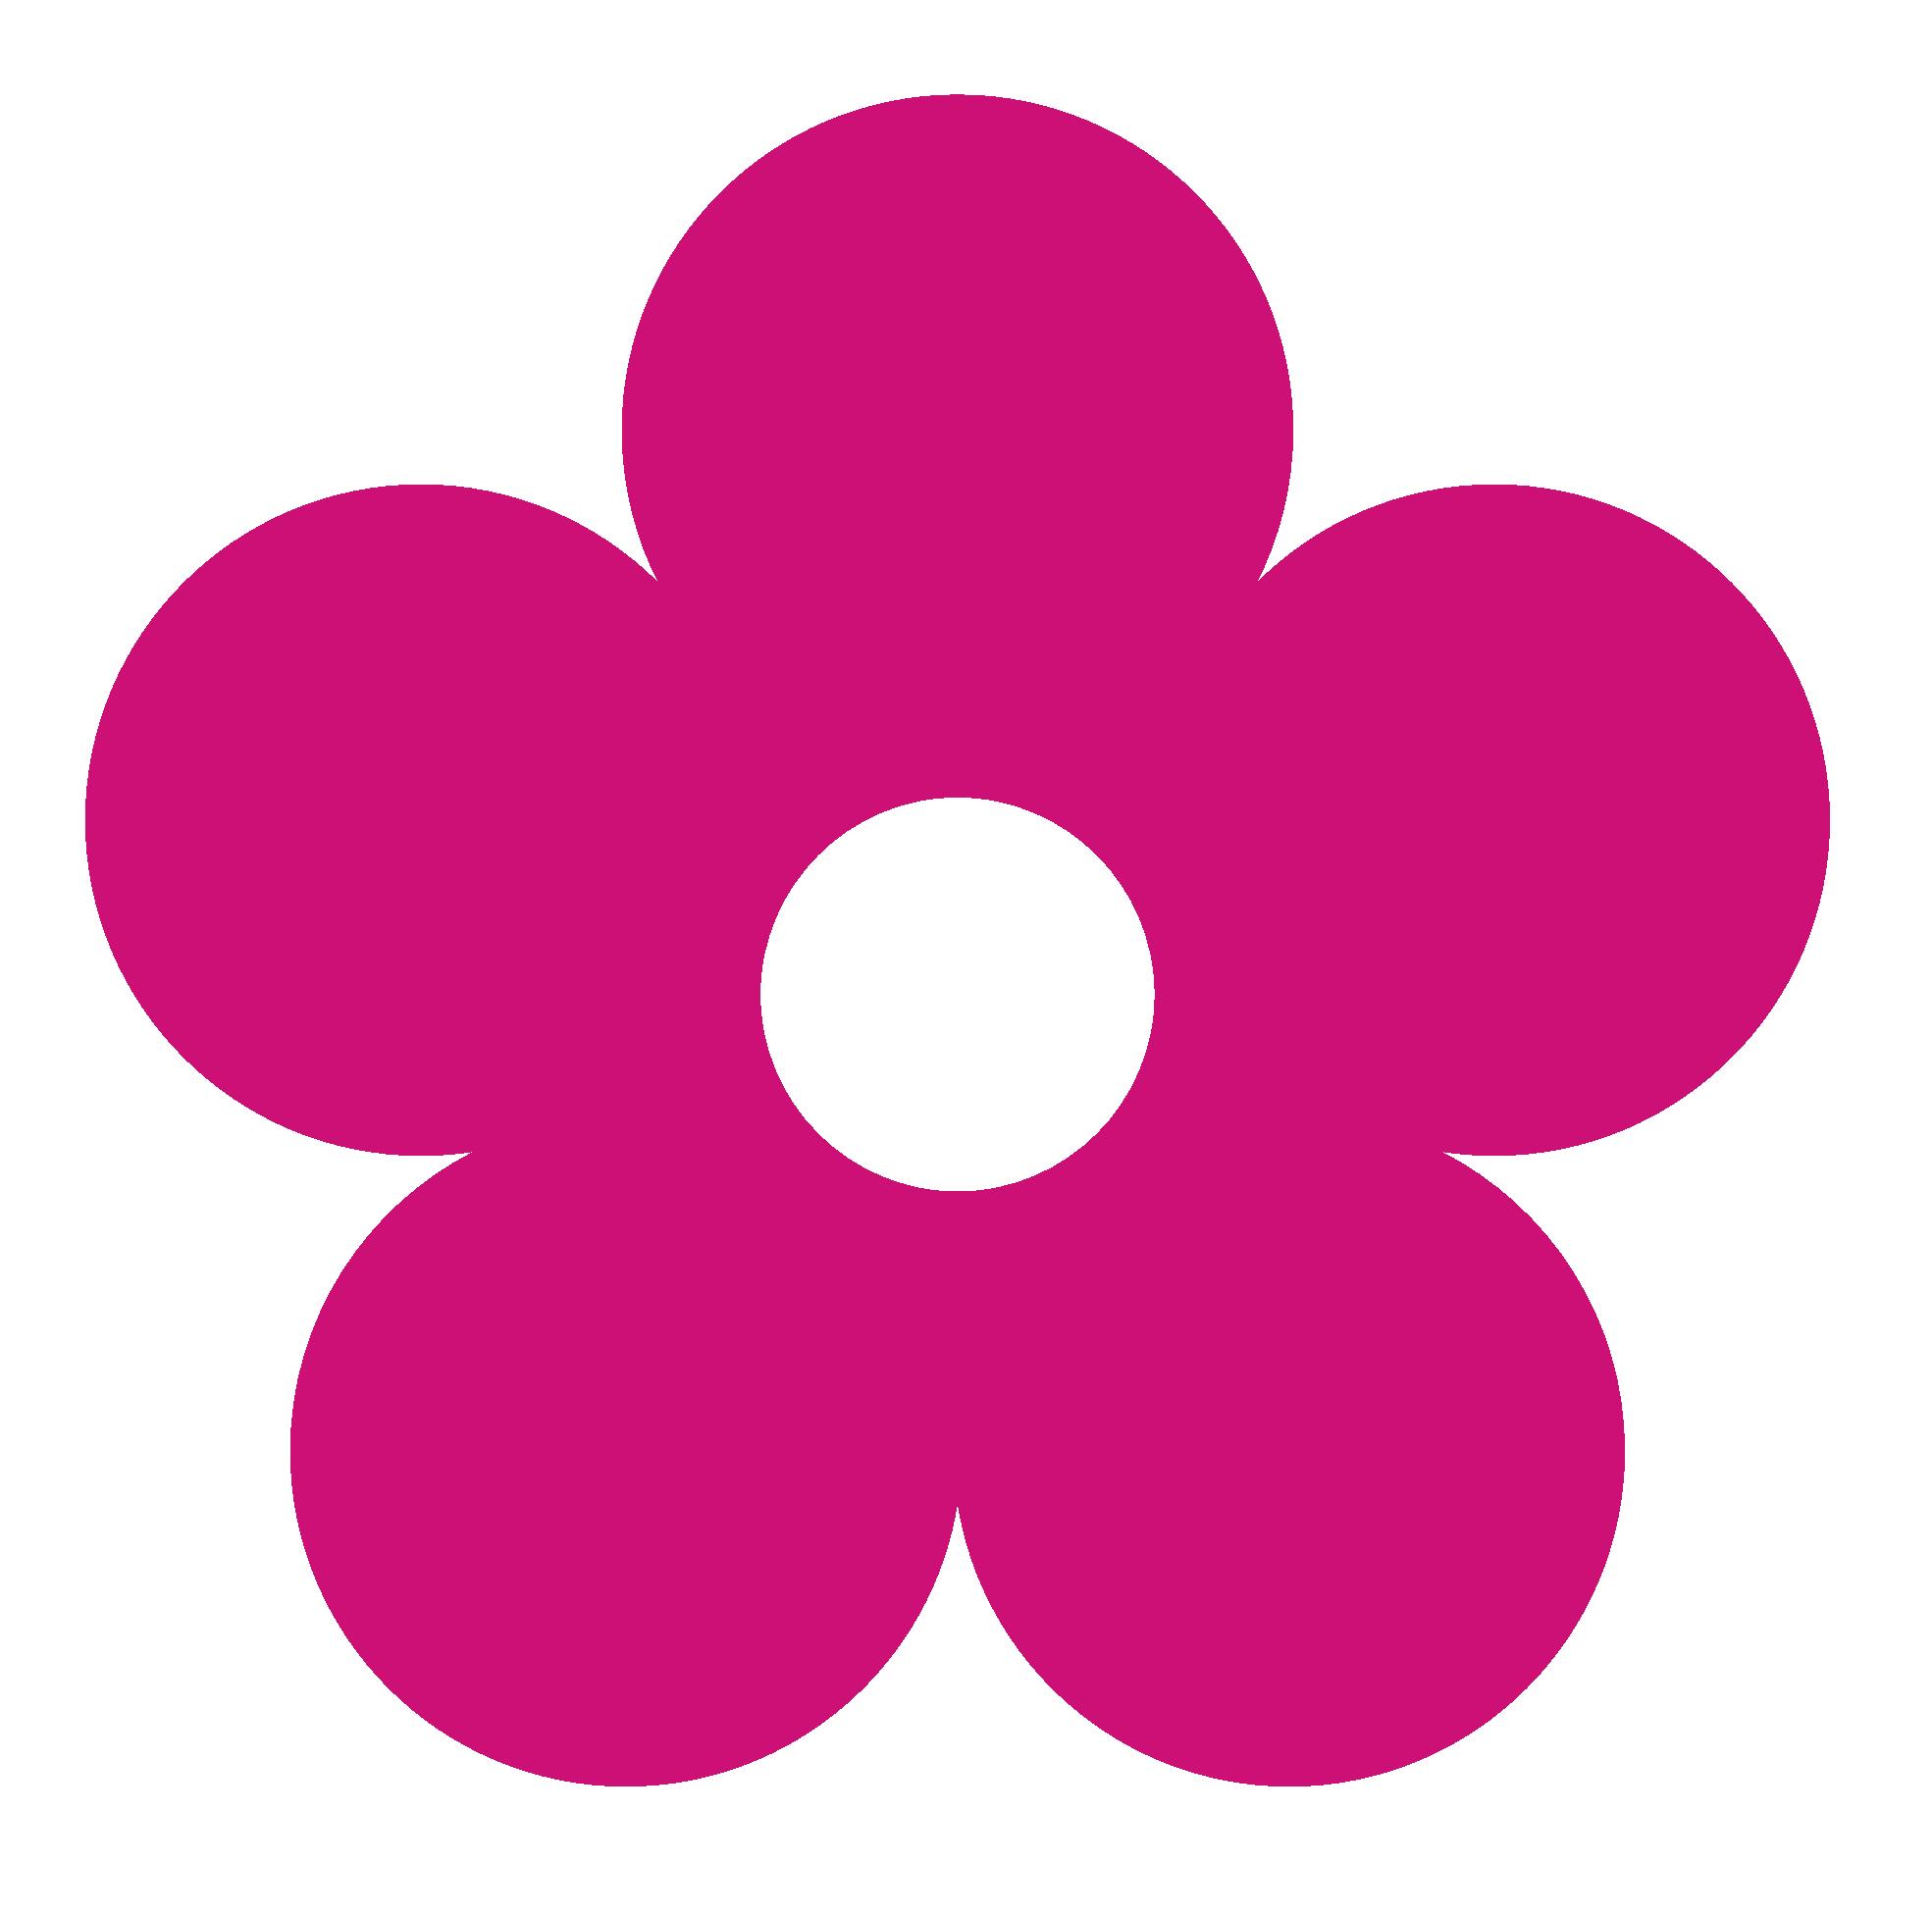 Clipart Pink Flower-clipart pink flower-1